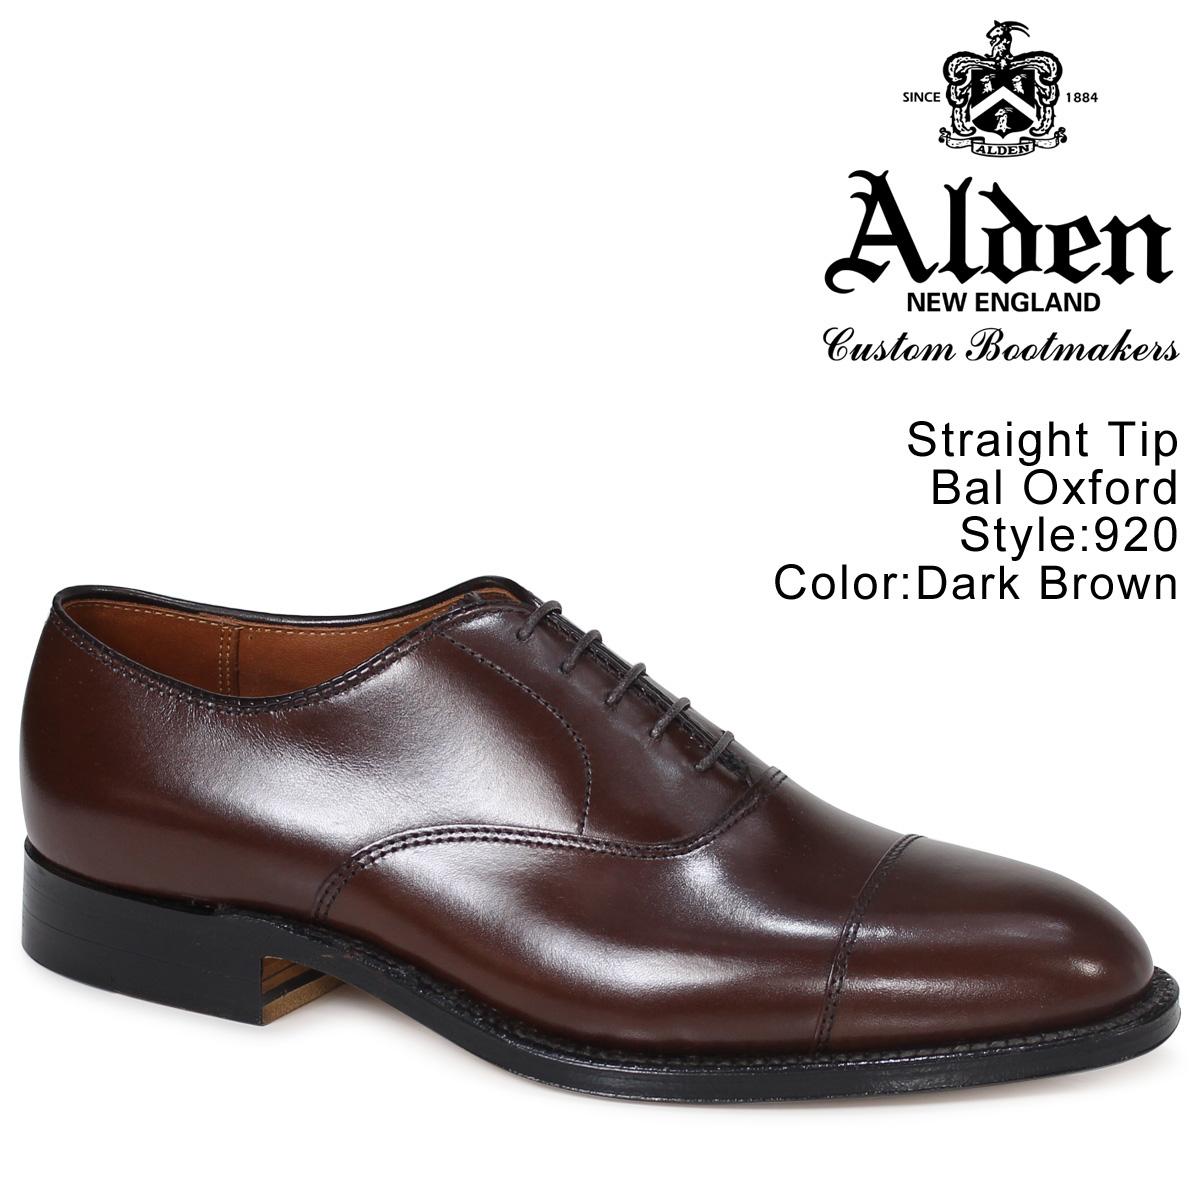 オールデン ALDEN オックスフォード シューズ STRAIGHT TIP BAL OXFORD Dワイズ 920 メンズ